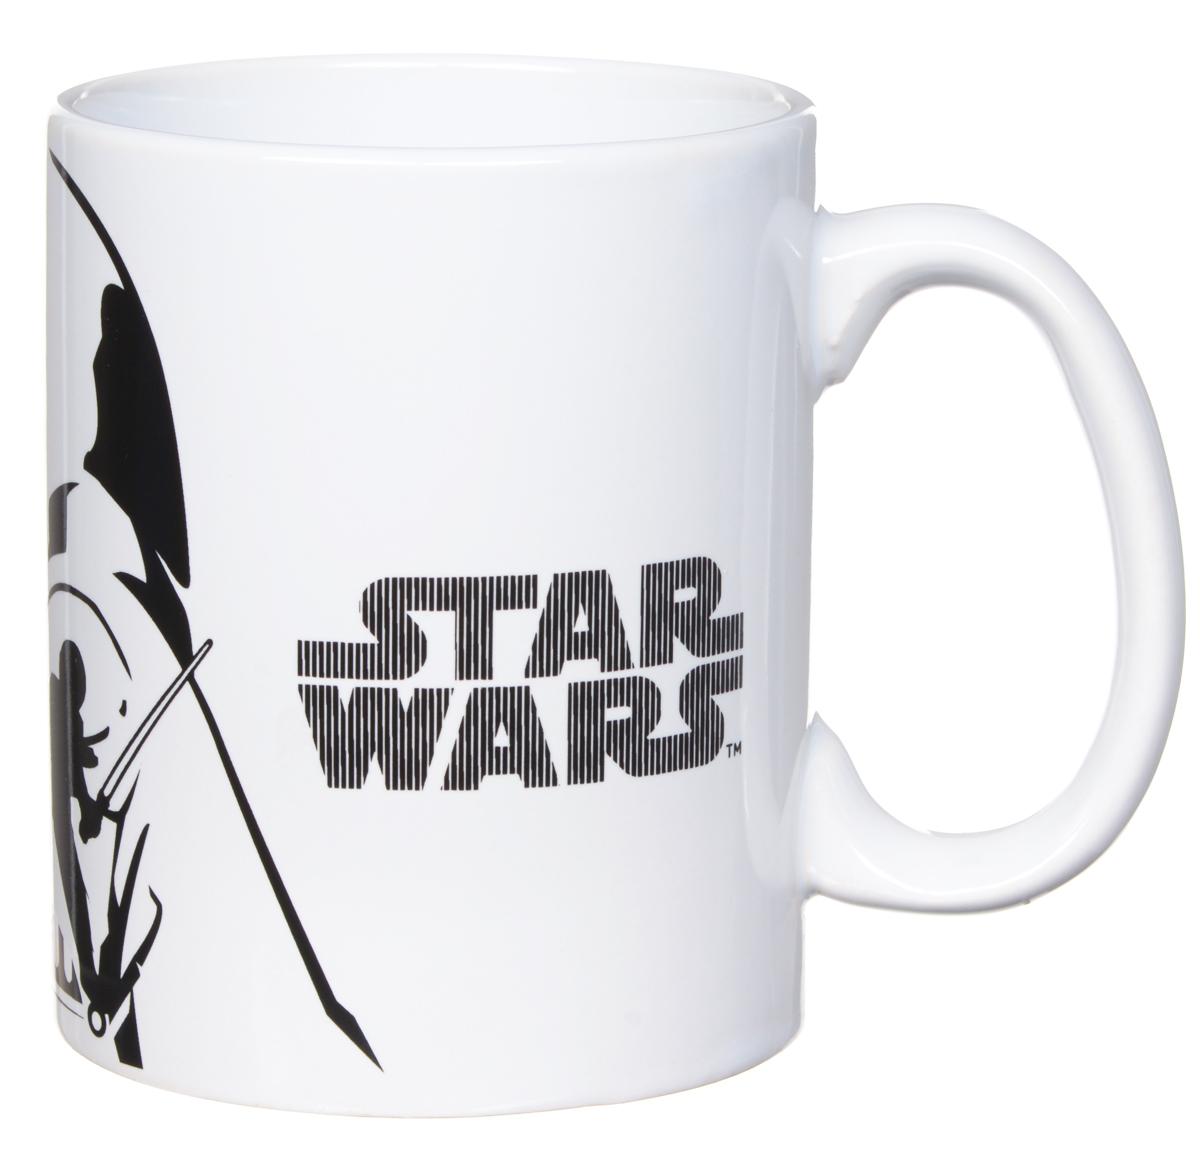 Star Wars Кружка детская Белое и черное 500 млSWC01-21Детская кружка Star Wars Белое и черное станет отличным подарком для любого фаната знаменитой саги. Она выполнена из керамики и оформлена рисунком со стилизованным изображением Дарта Вейдера. Большая ручка обеспечит удобство использования. Объем кружки: 500 мл. Подходит для использования в посудомоечной машине и СВЧ-печи.